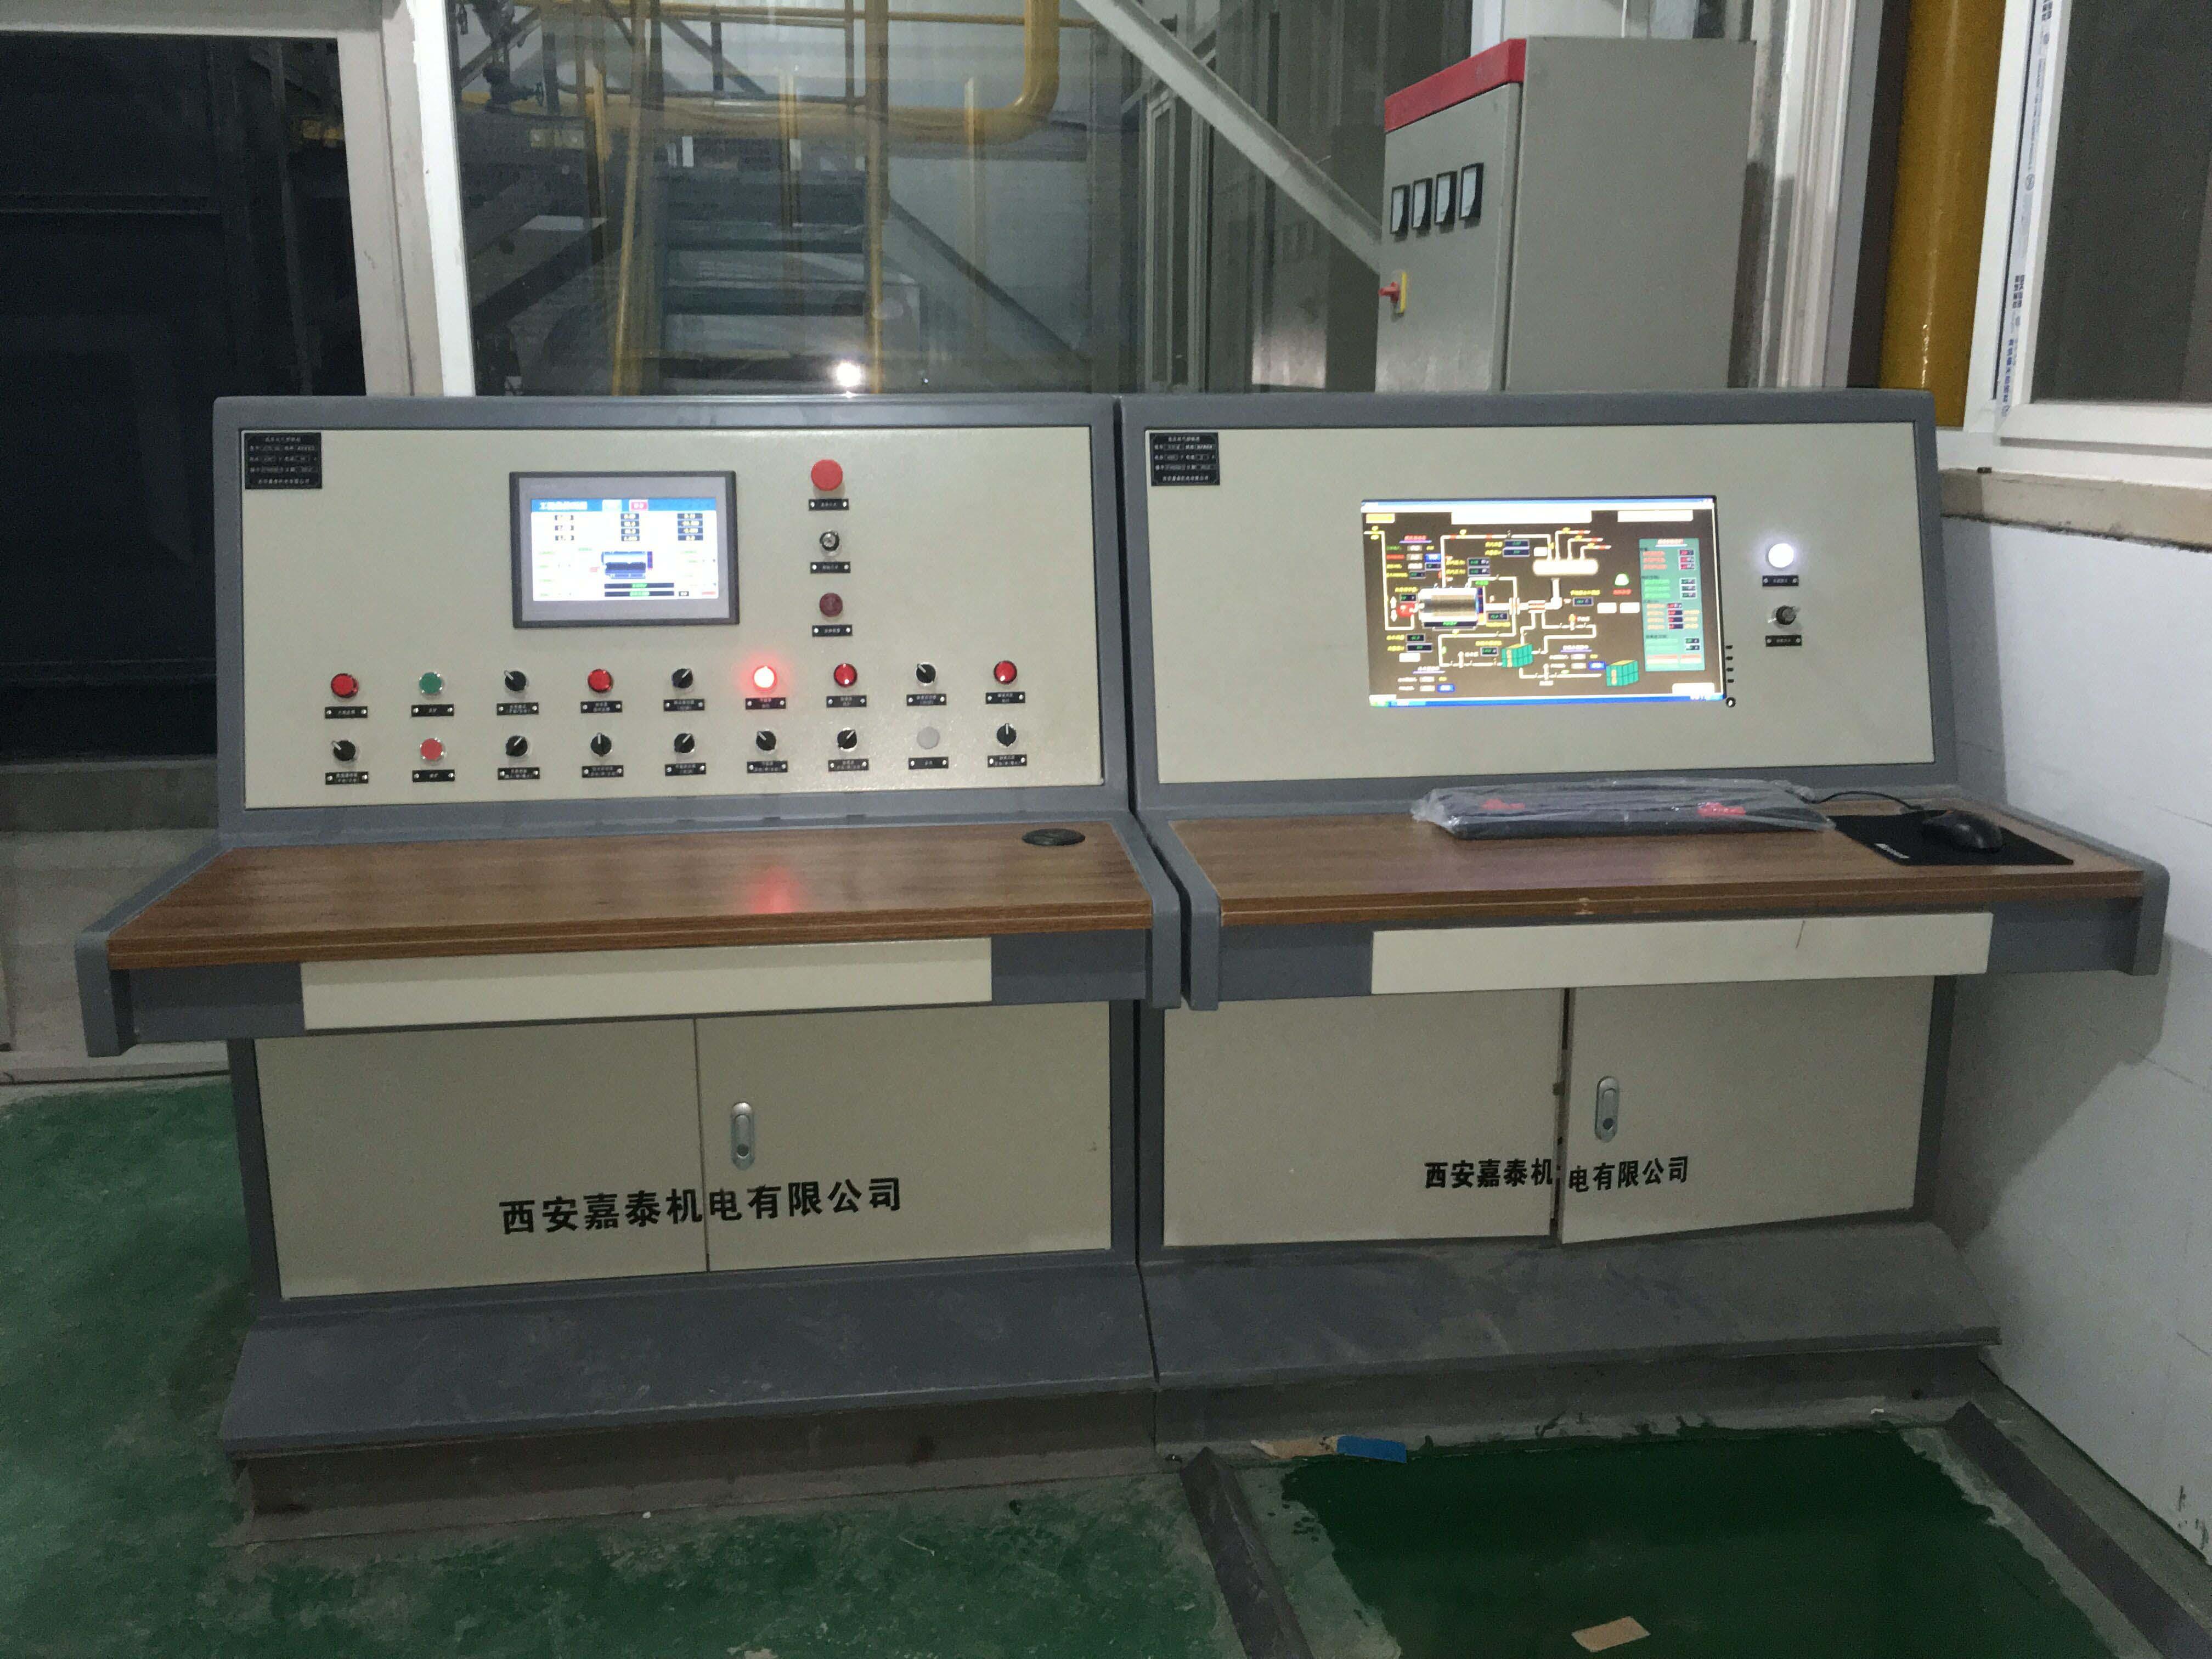 樓宇電腦遠程控制柜